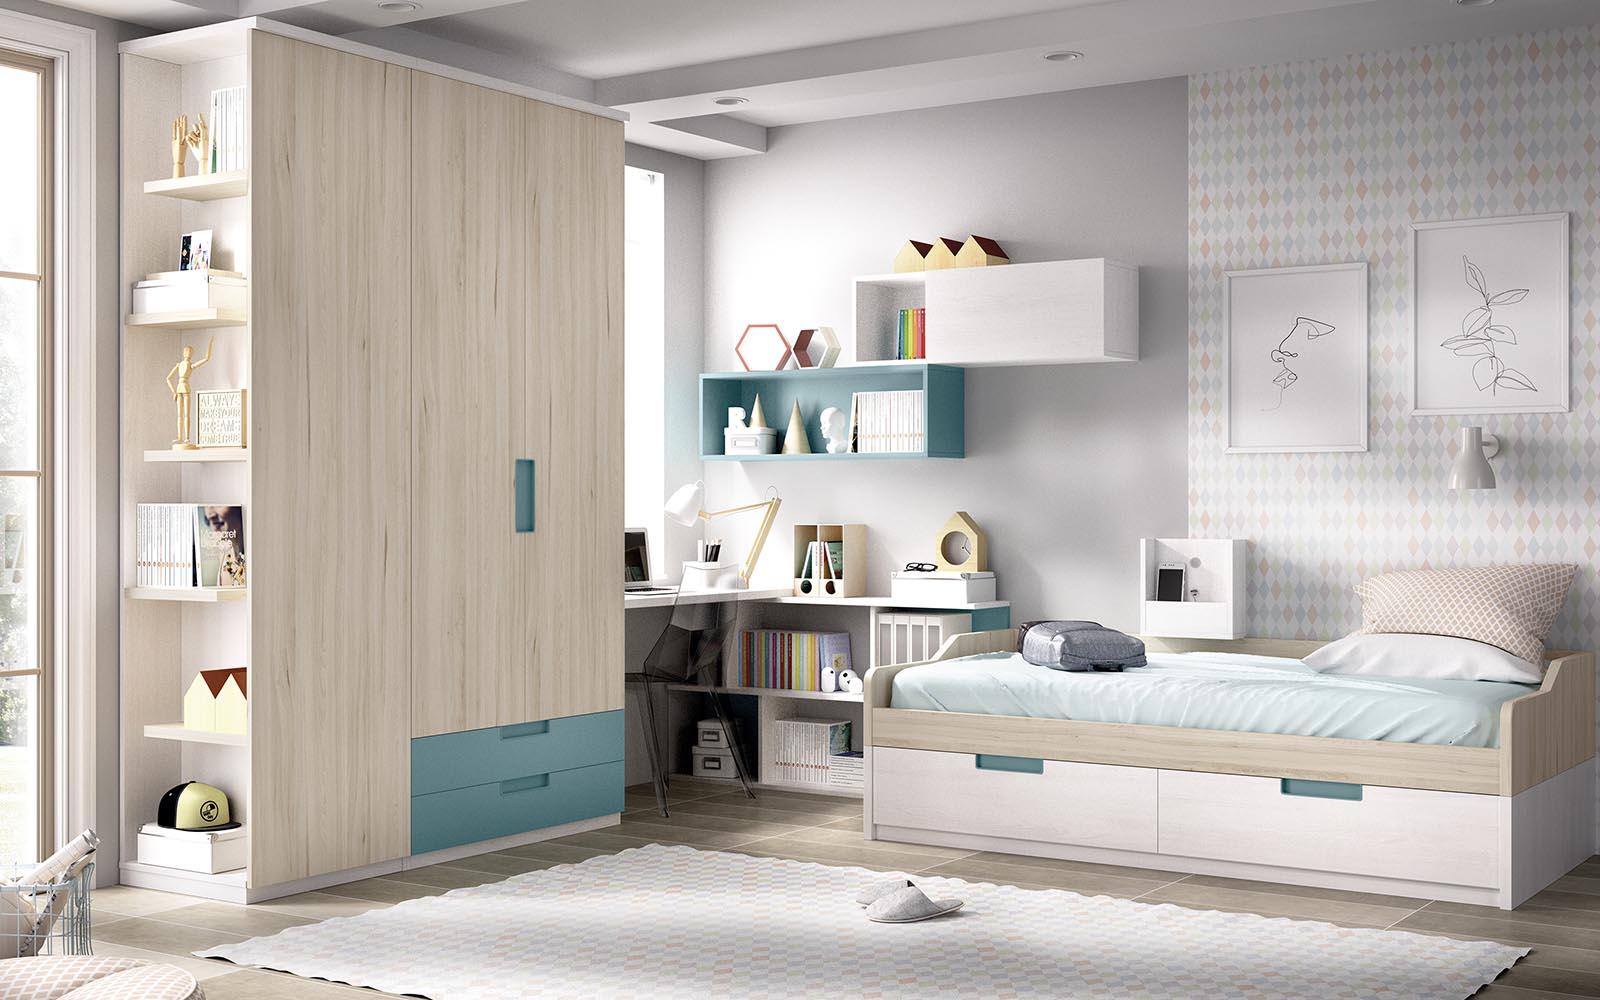 white wooden kids bed with space on its bottom, kids bed with extra space, with cupboards, unisex kids bed, krevati gia agoraki kai koritsaki se anoixtous xromatismous xilino,